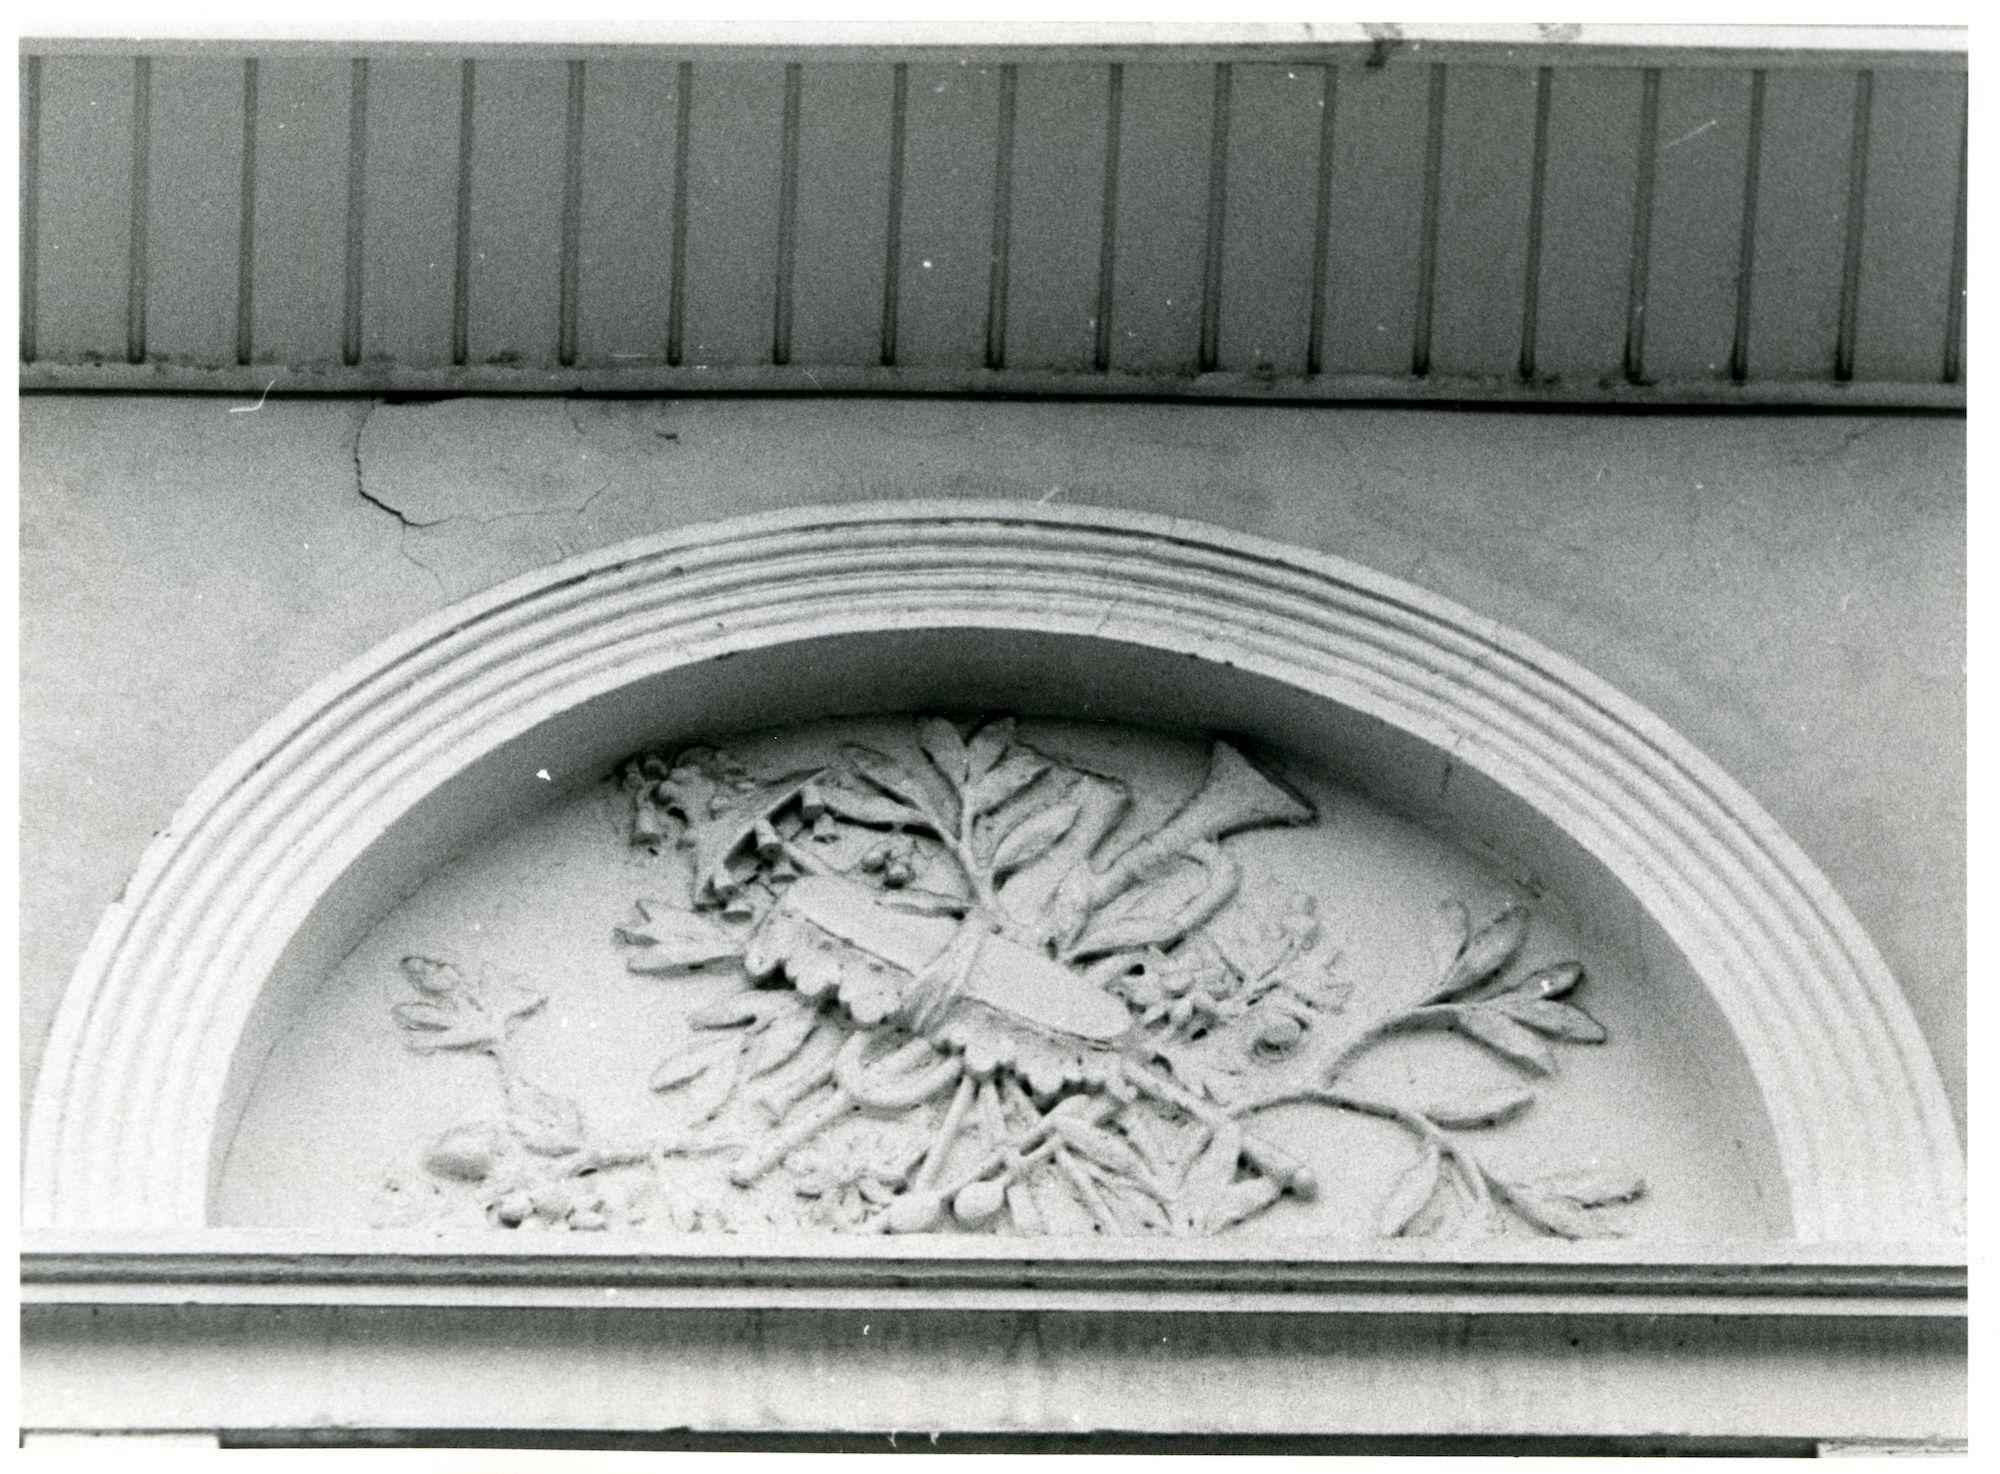 Gent: Zilverenberg 3-5: Beeldhouwwerk, 1979